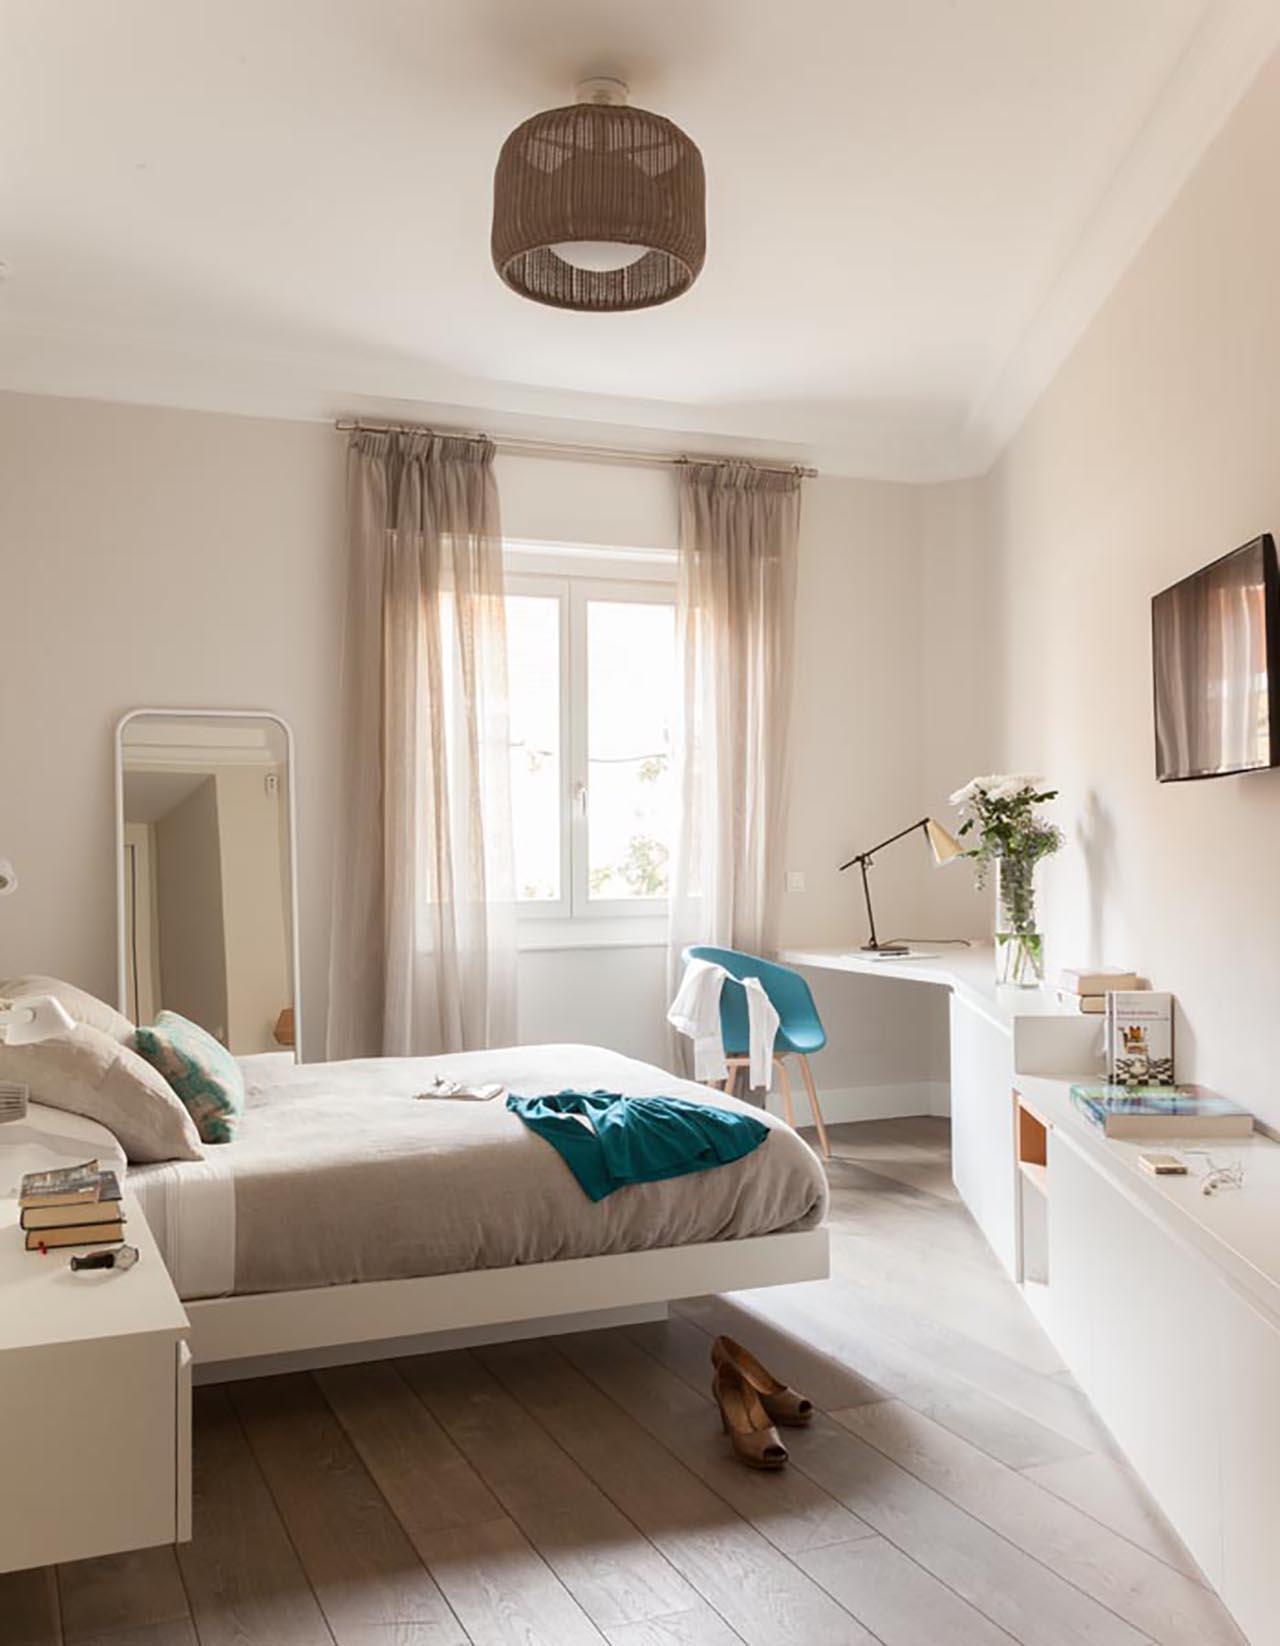 6. Dormitorio principal 2